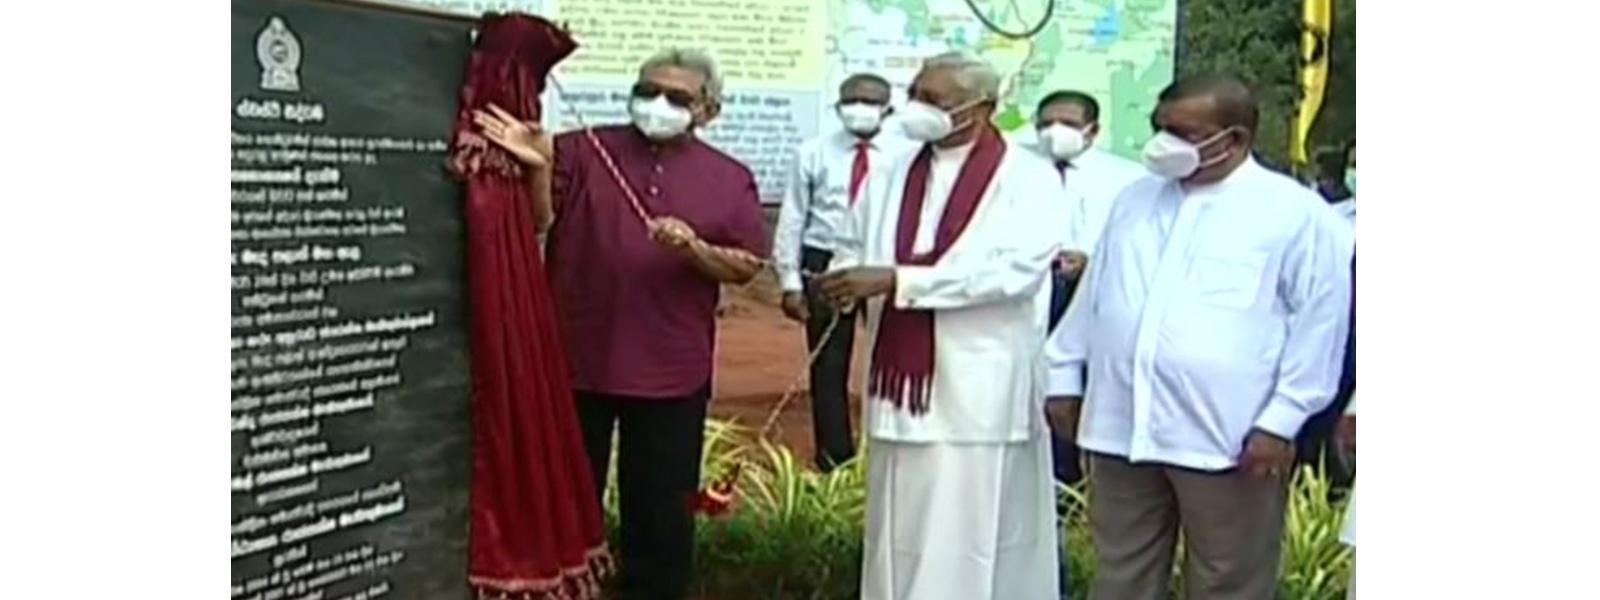 'Waari Saubhagya' National Irrigation Programme begins